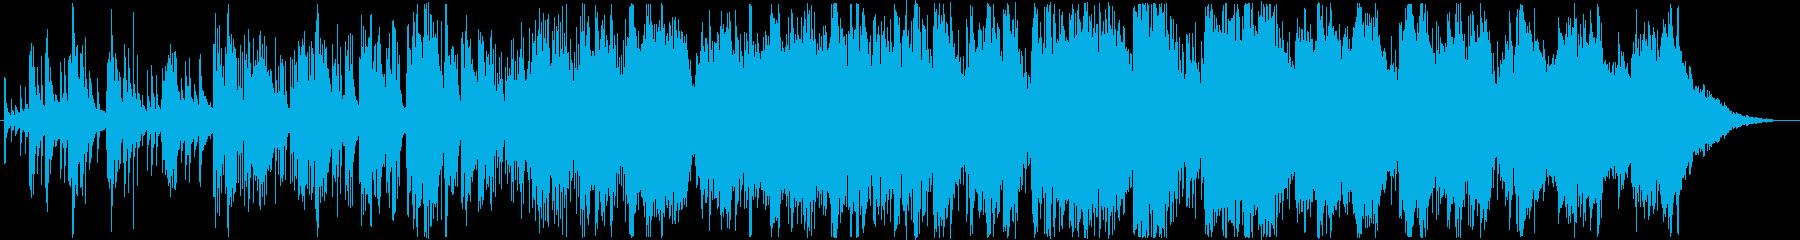 琴の音をアンビエントなパーカッションの…の再生済みの波形